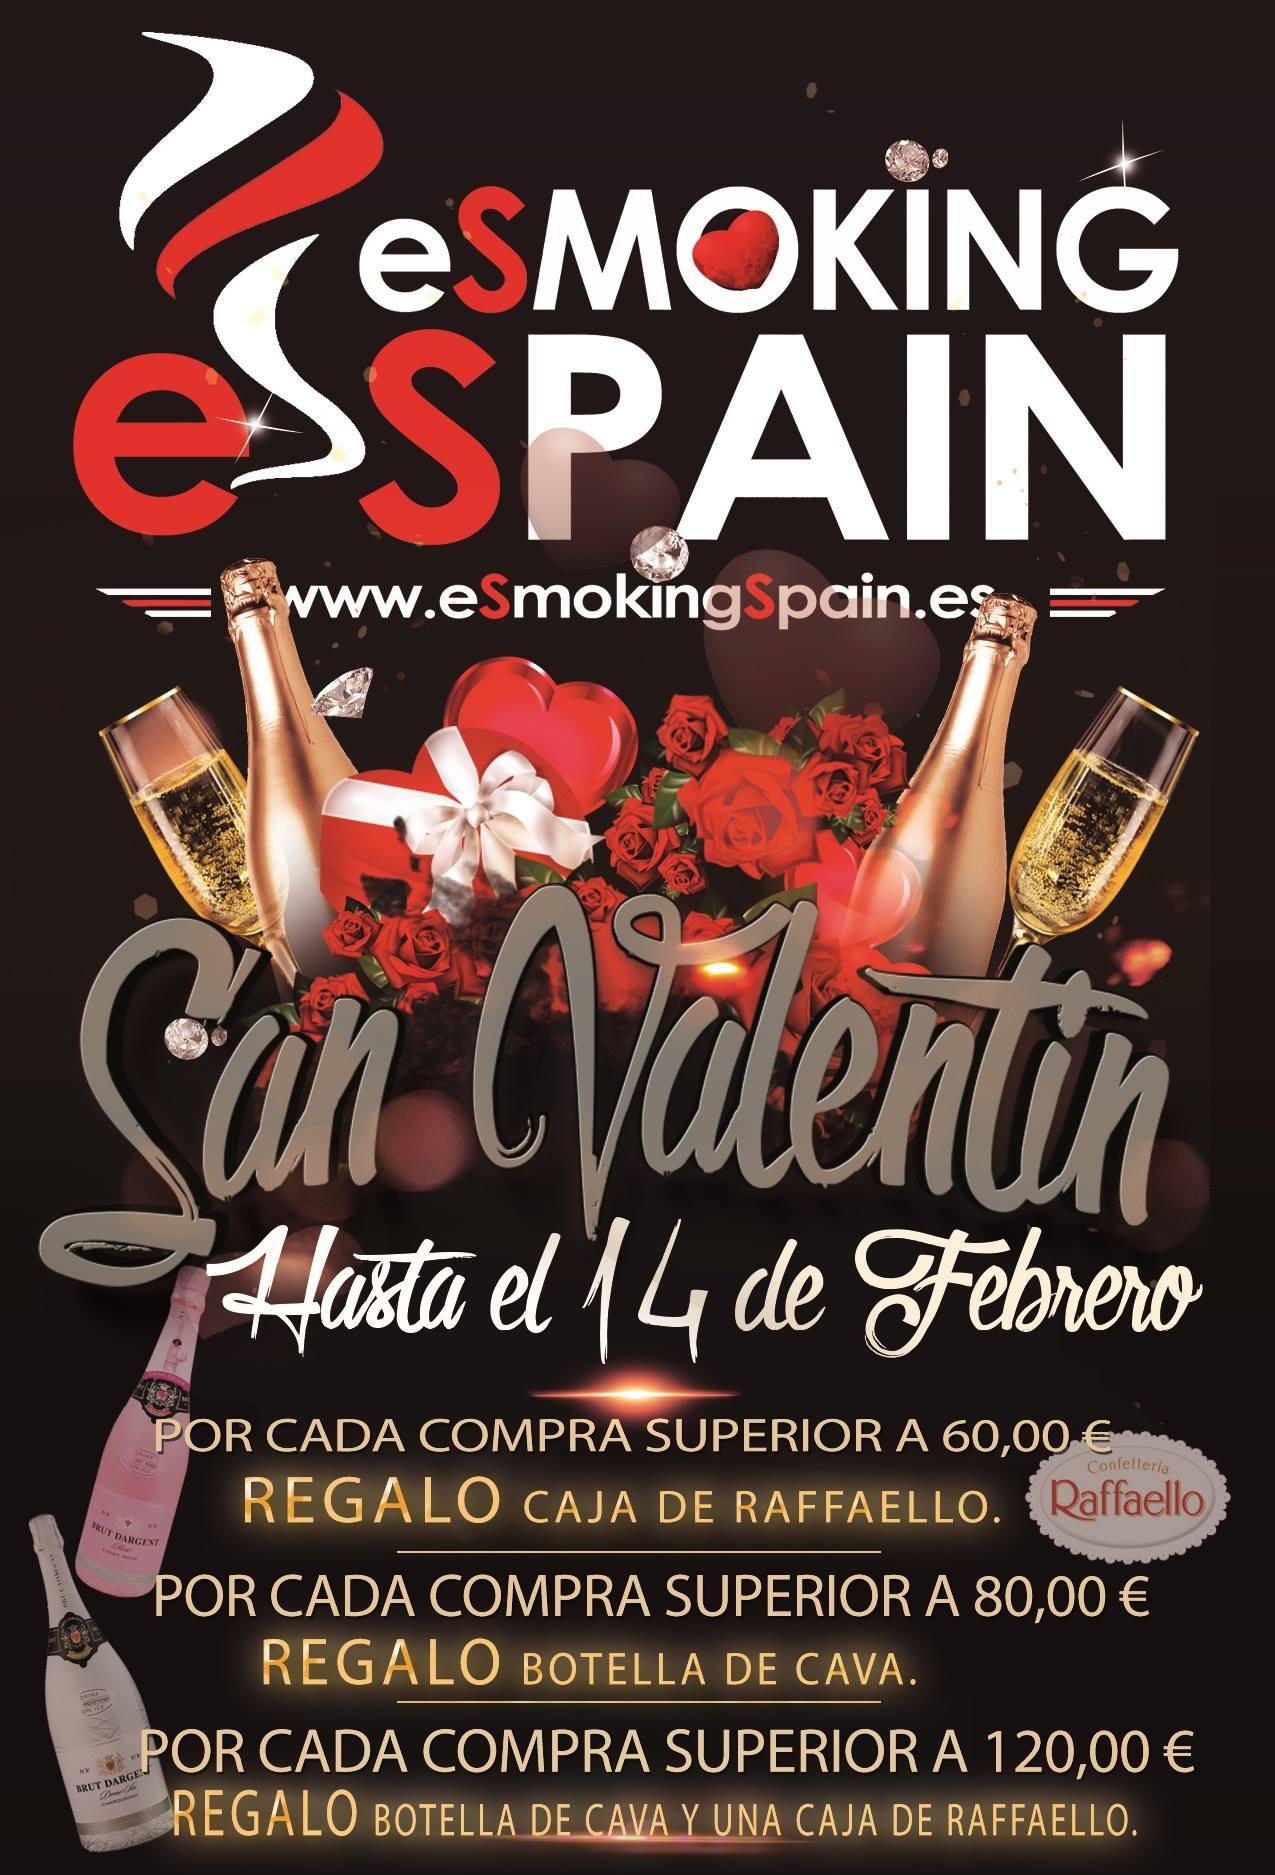 Regalos con las compras en eSmokingSpain.es